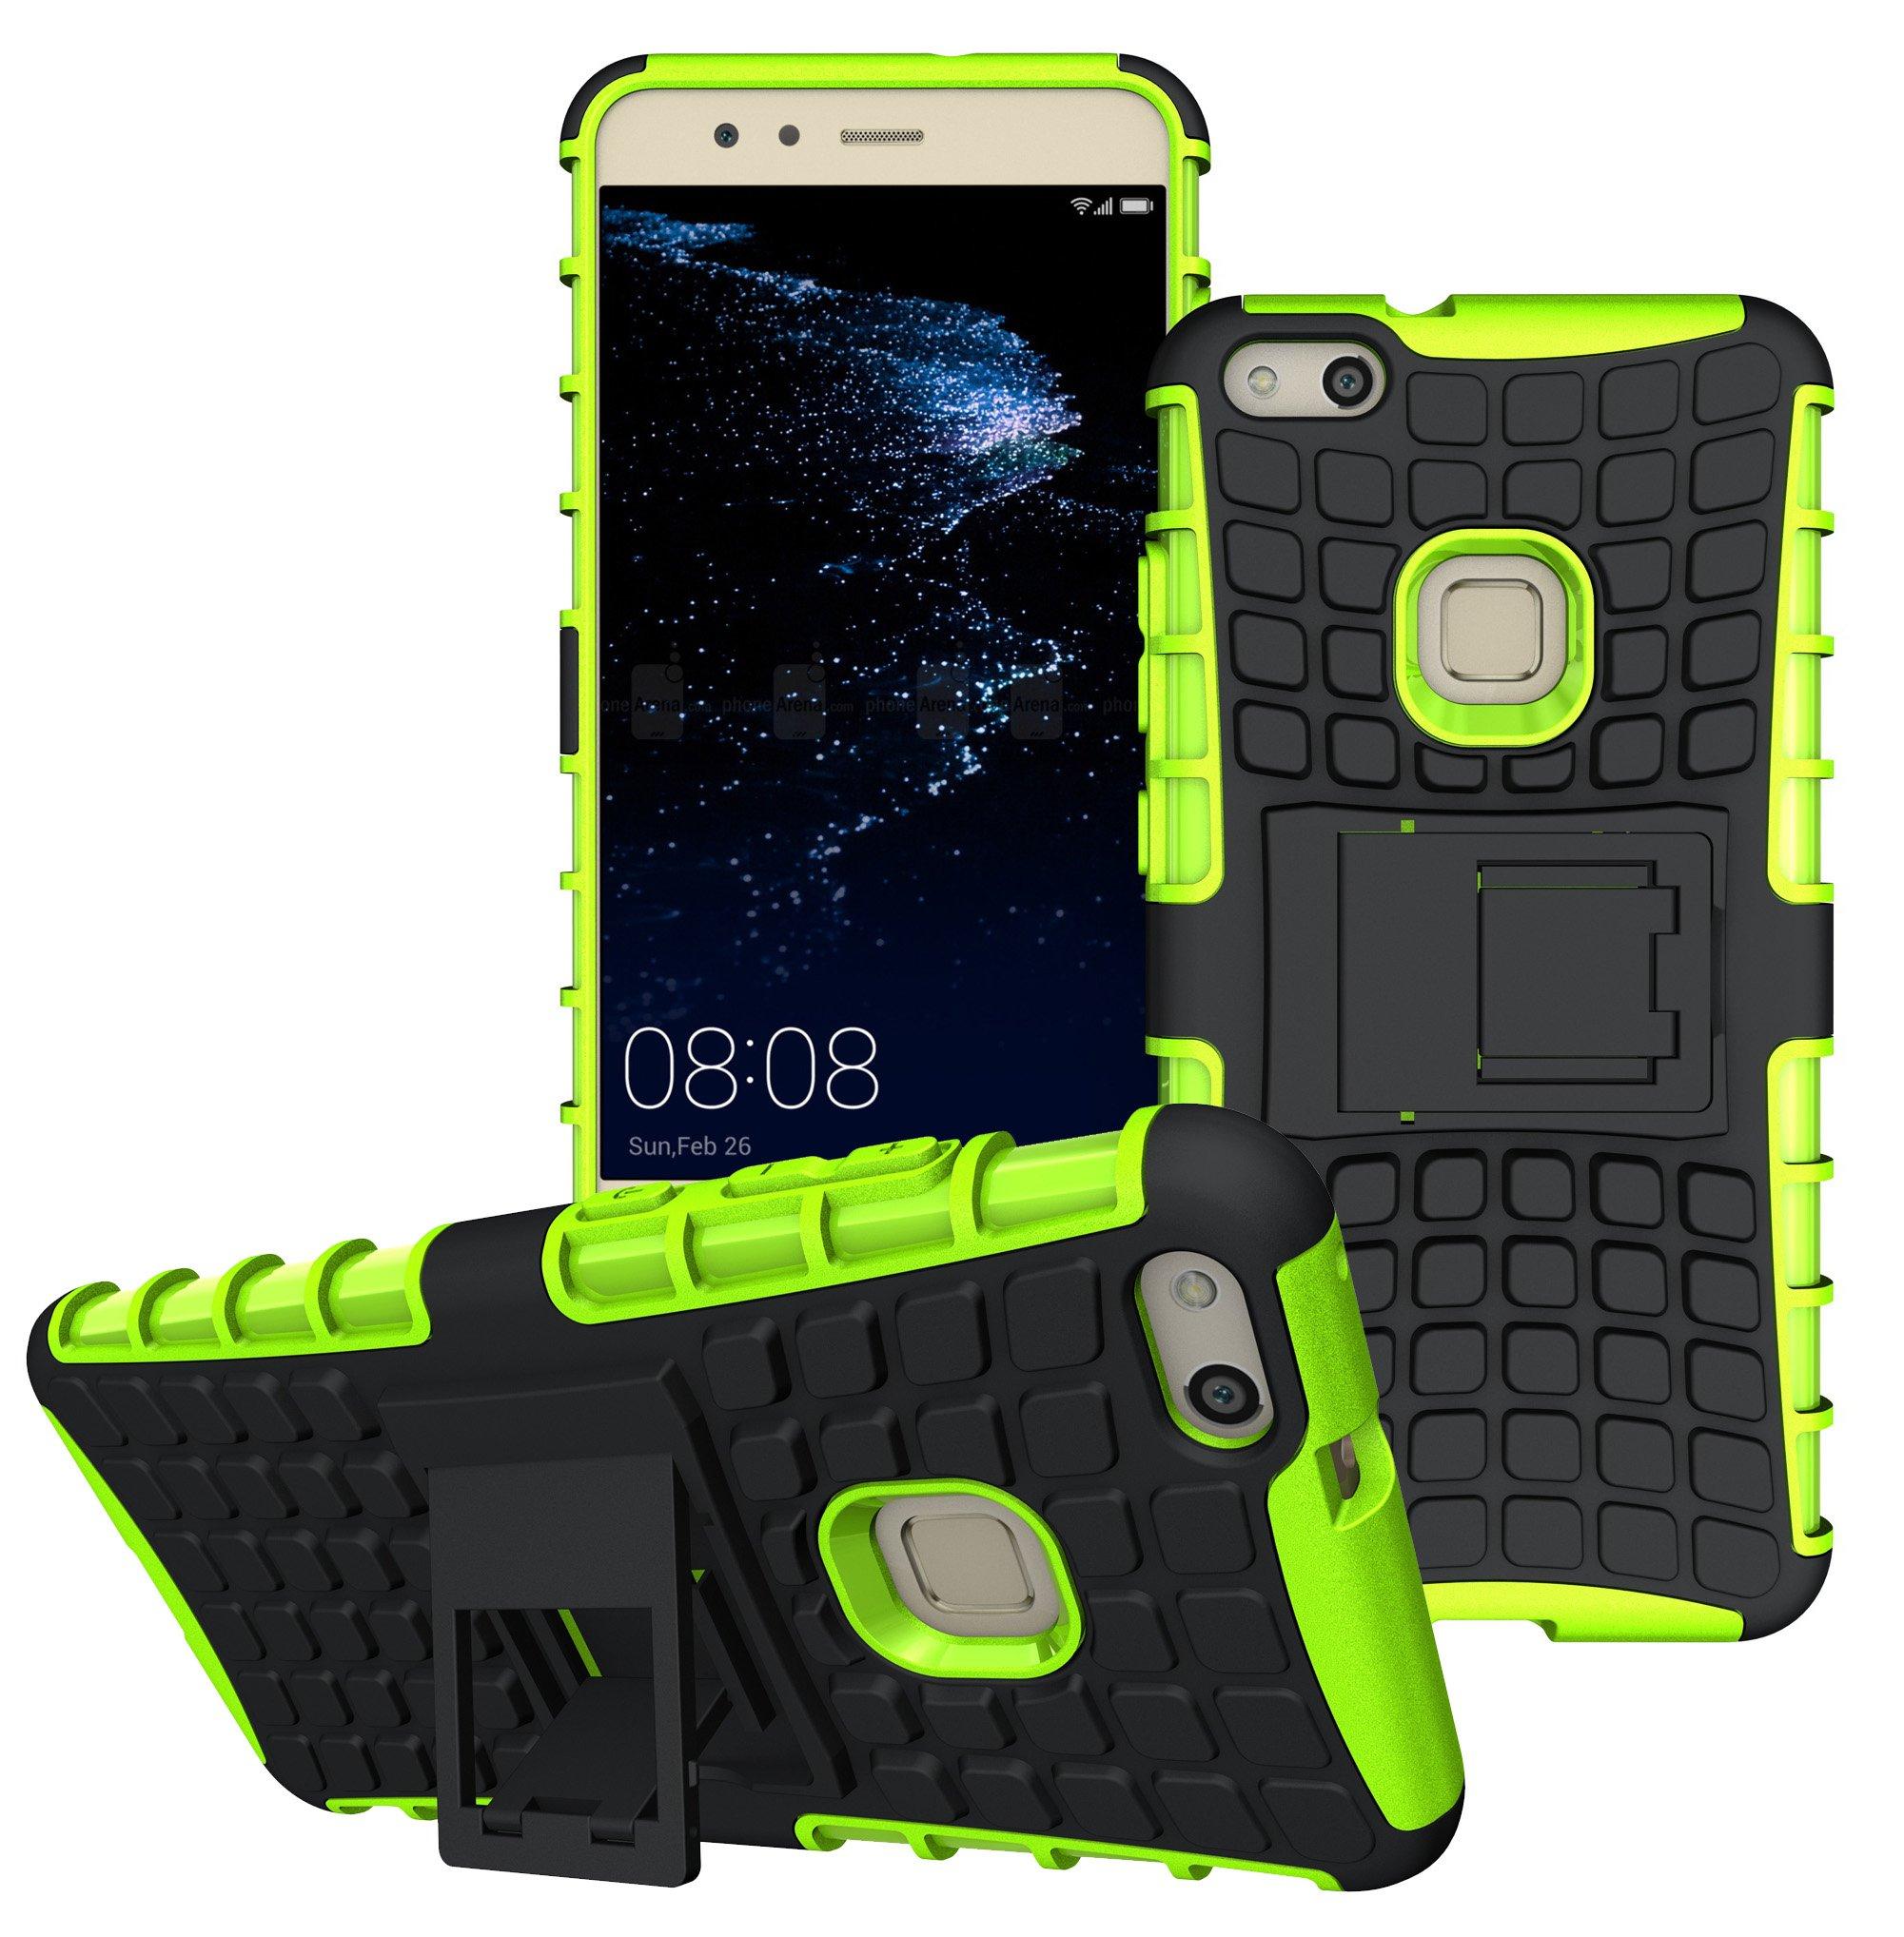 Huawei P10 Lite Funda, FoneExpert® Heavy Duty silicona híbrida con soporte Cáscara de Cubierta Protectora de Doble Capa Funda Caso para Huawei P10 Lite: Amazon.es: Oficina y papelería